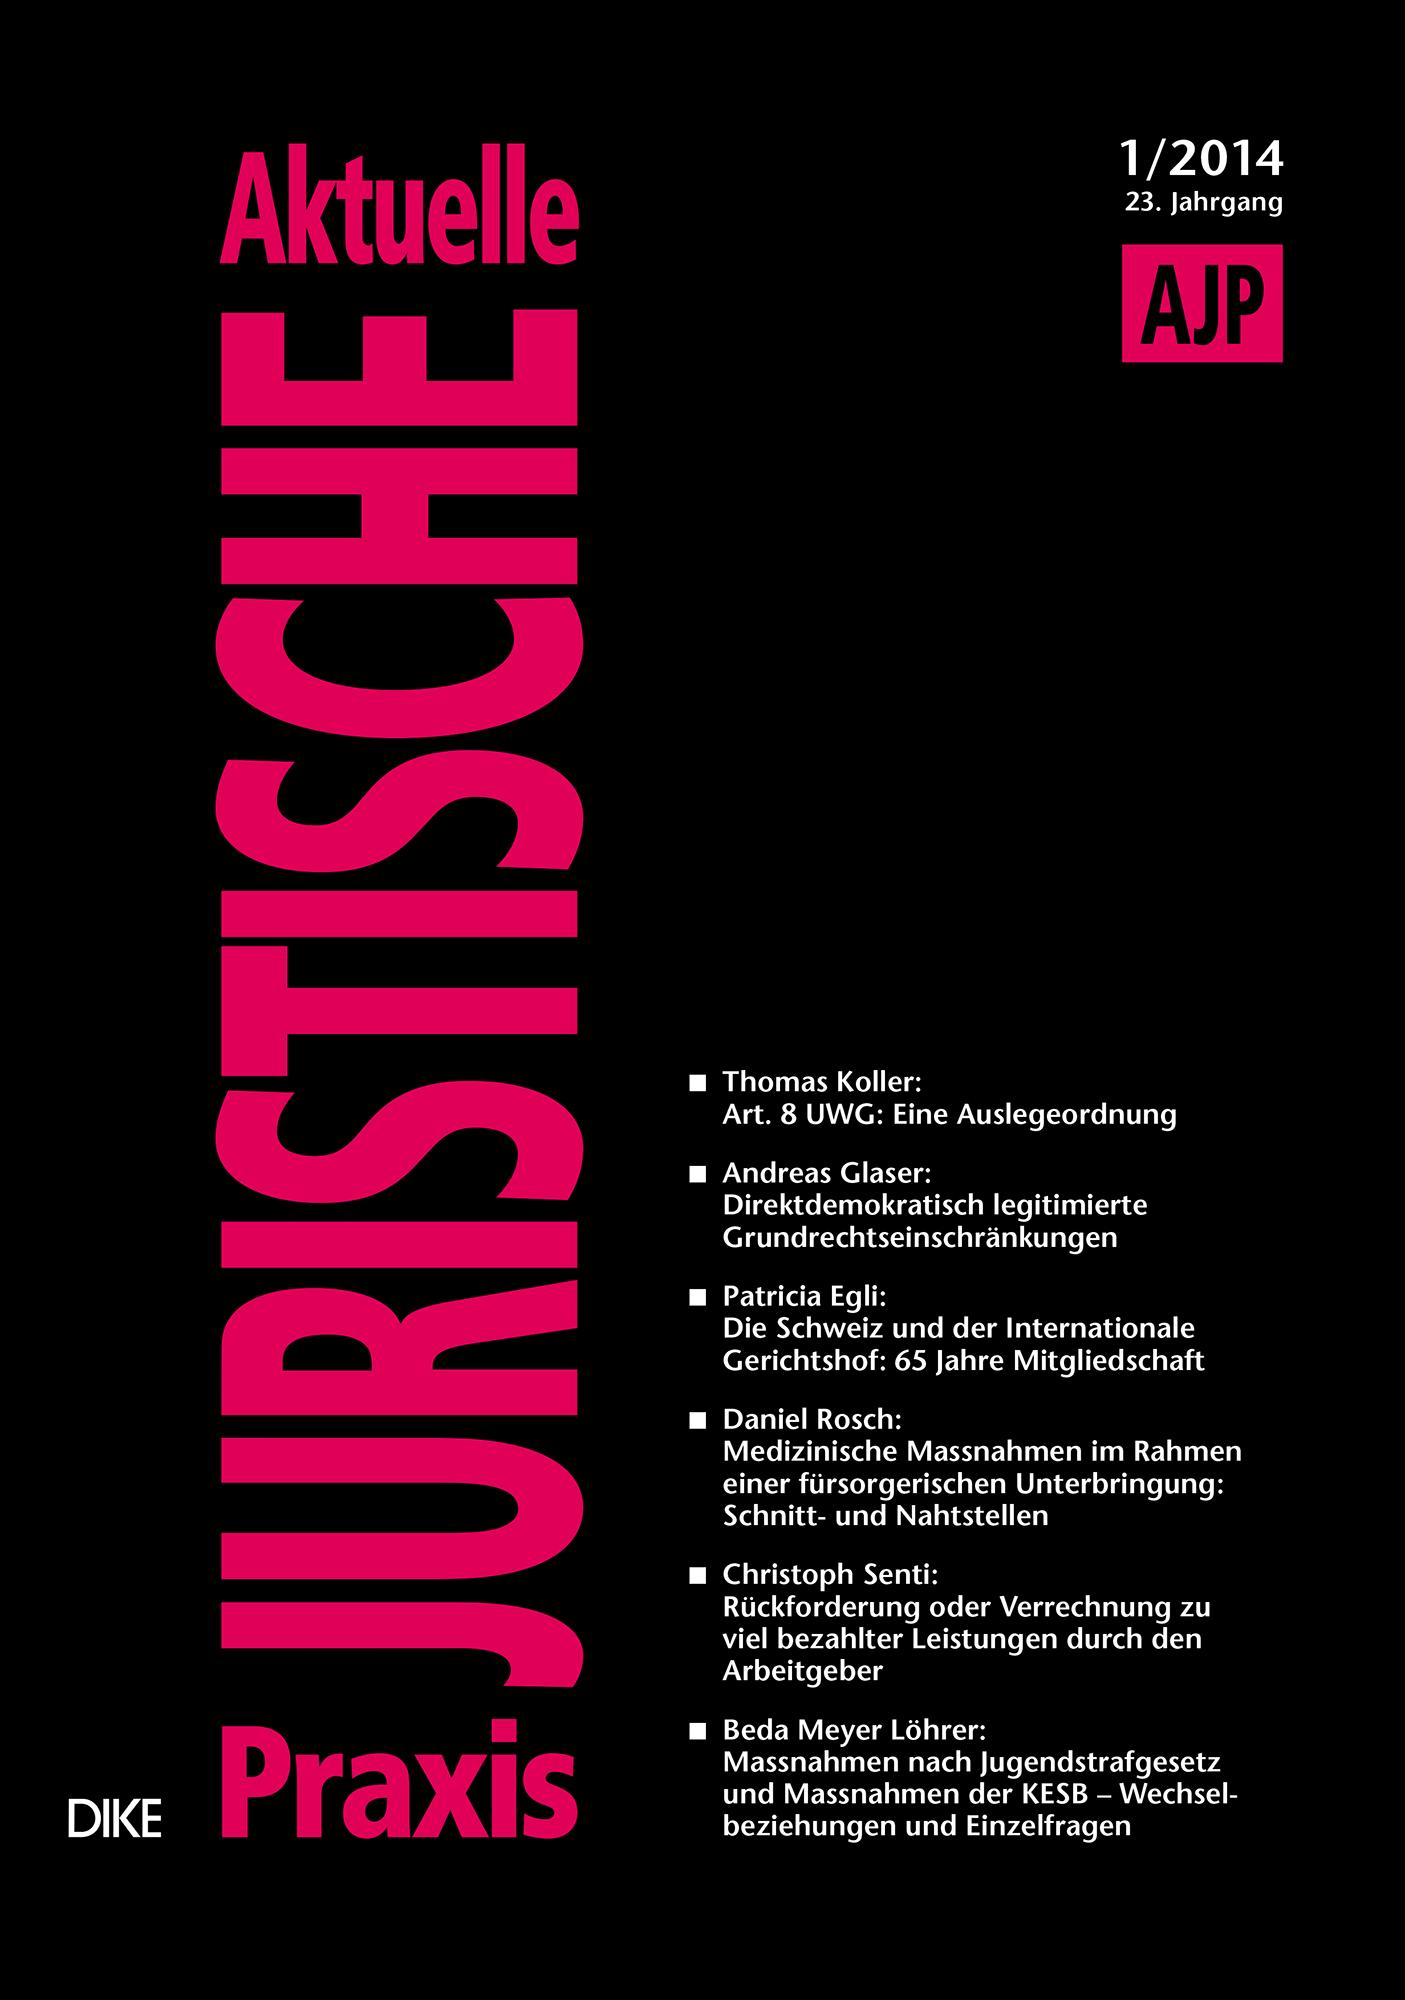 AJP/PJA 01/2014